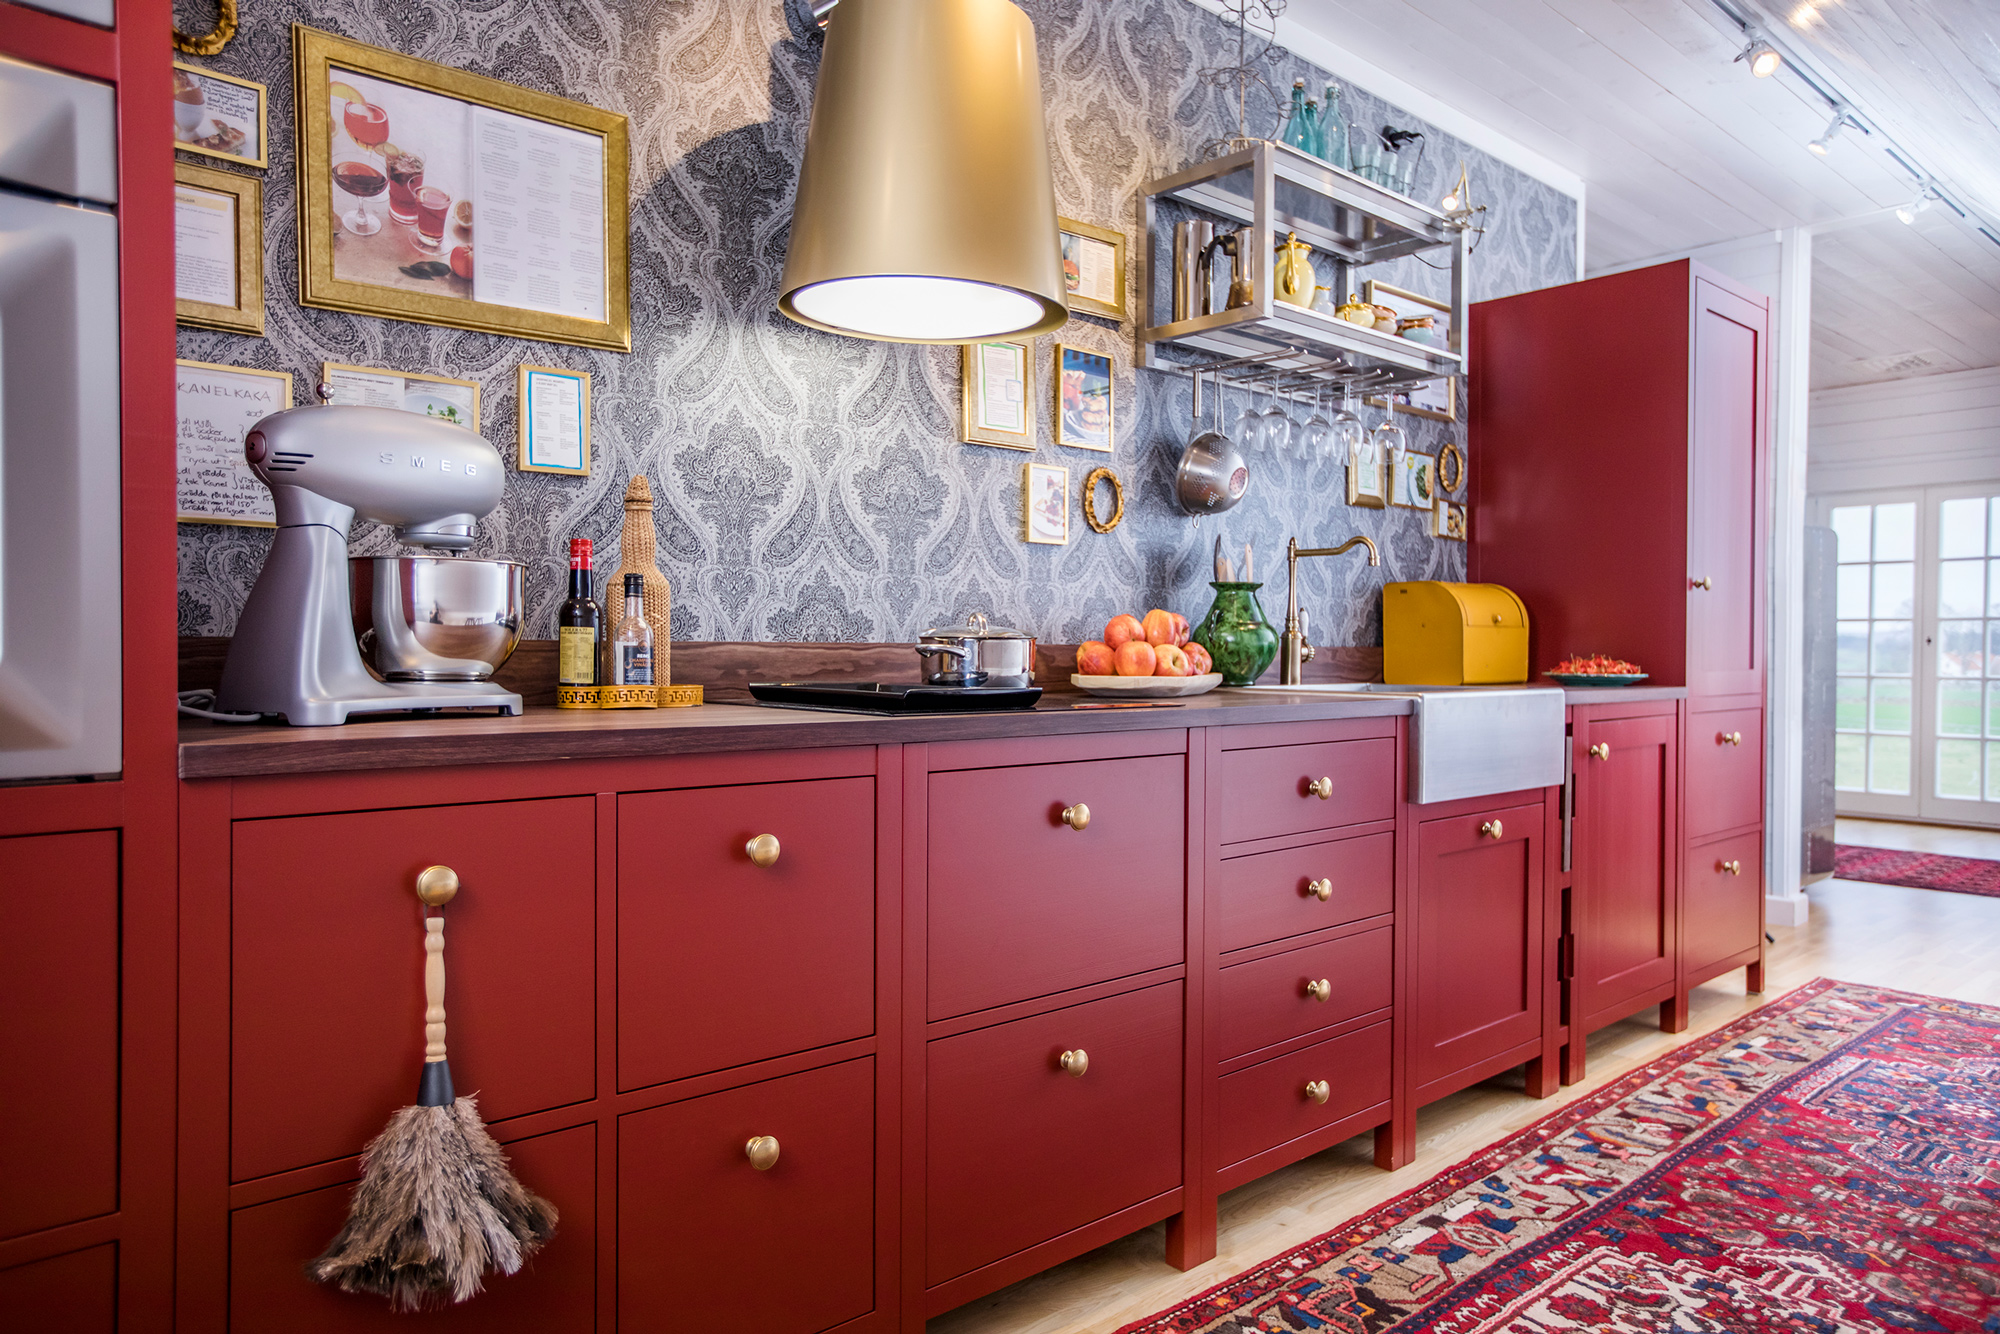 Ströö är ett kök där de olika modulerna inte är fast monterade i en vägg eller i varandra.